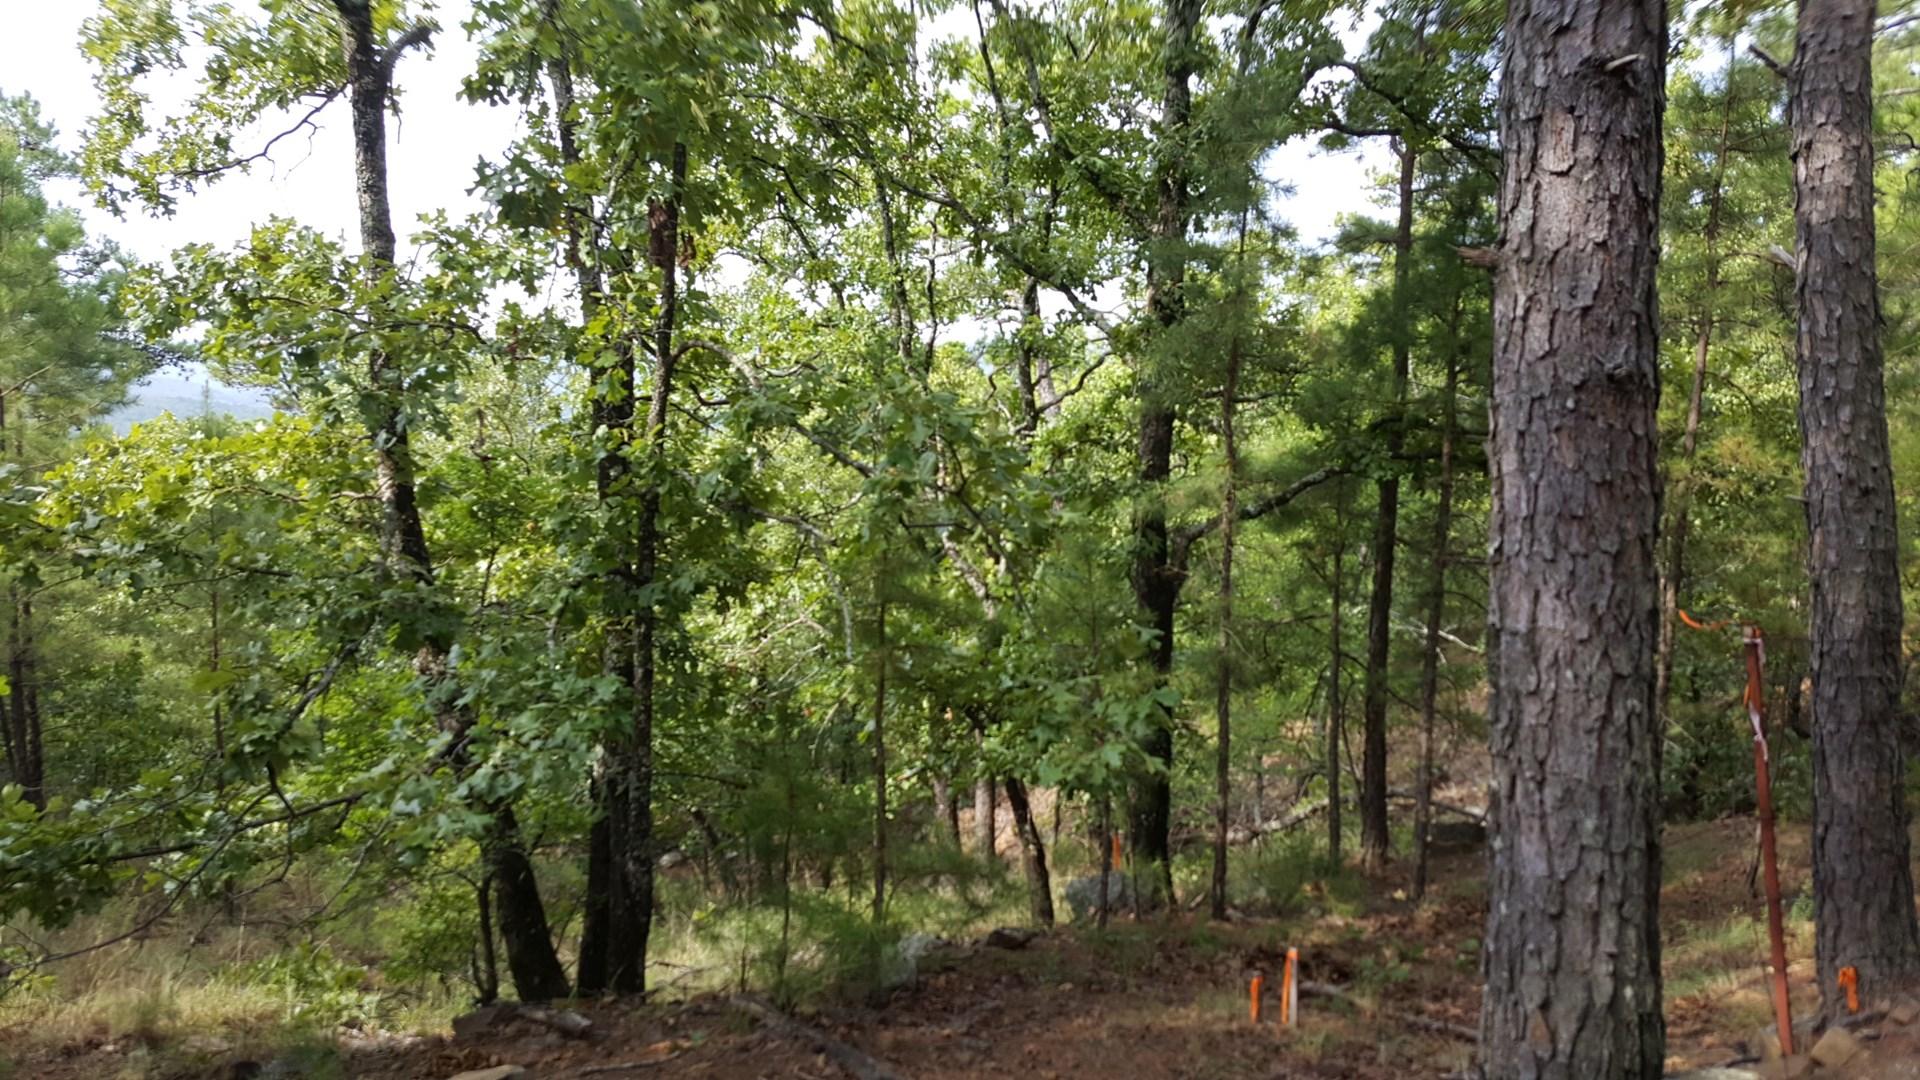 70± Acres for Sale on Round Mountain - Wister, Oklahoma